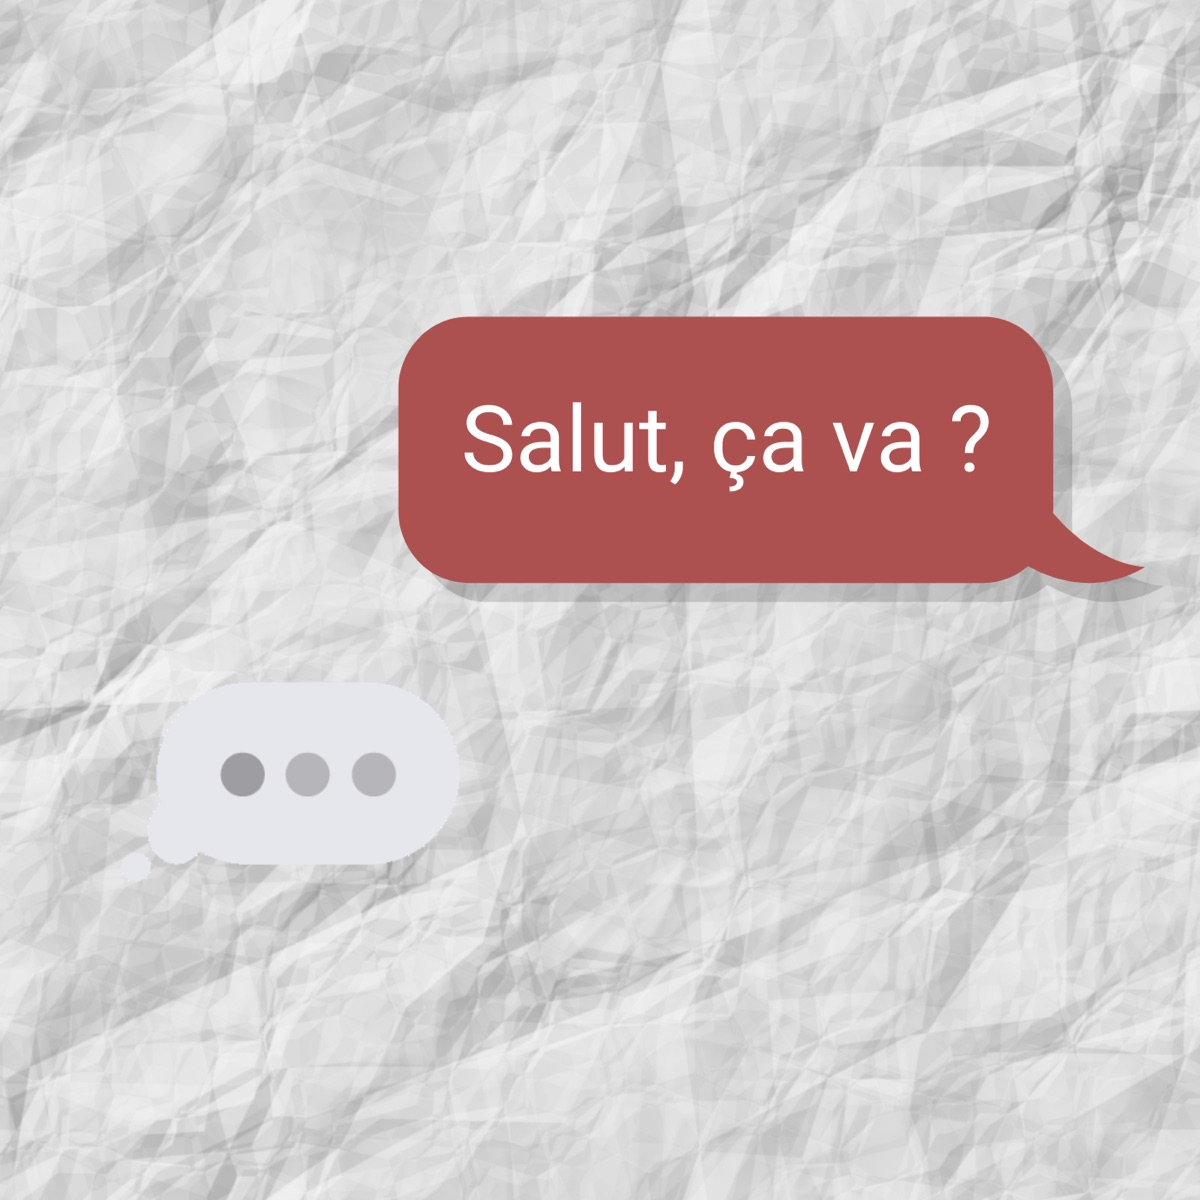 Salut, ça va ?